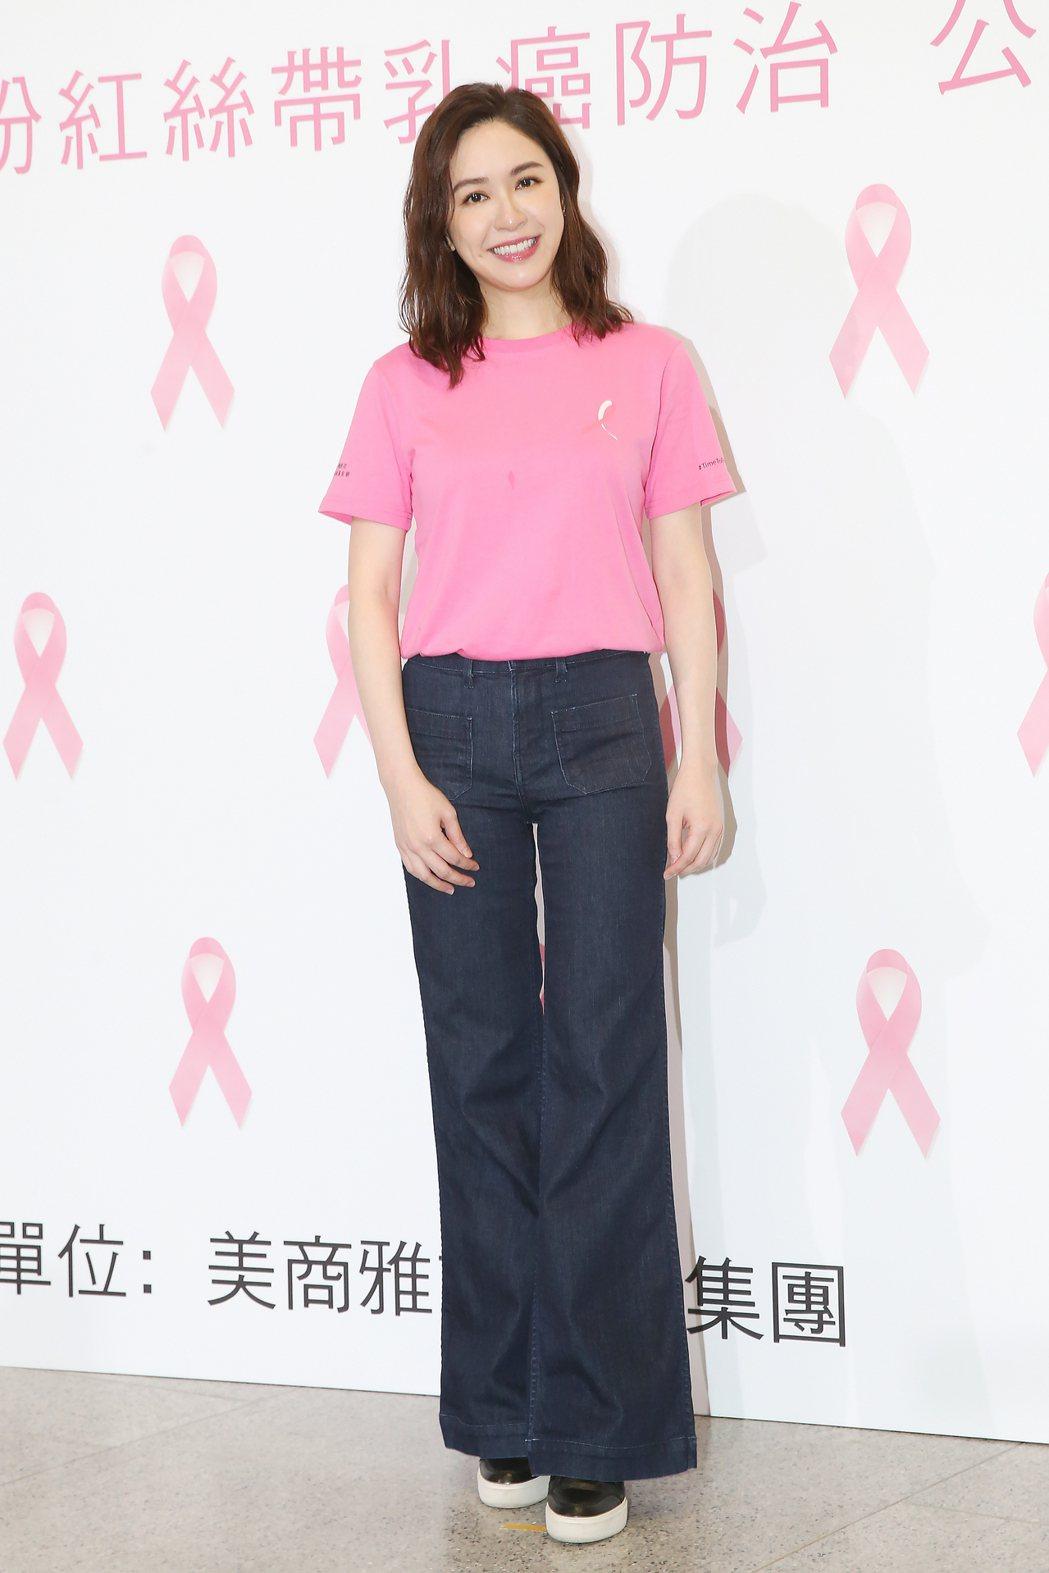 化妝品品牌舉辦防治乳癌線上公益演唱,邀請蔡依珊(圖)擔任「粉紅絲帶公益大使」,為...